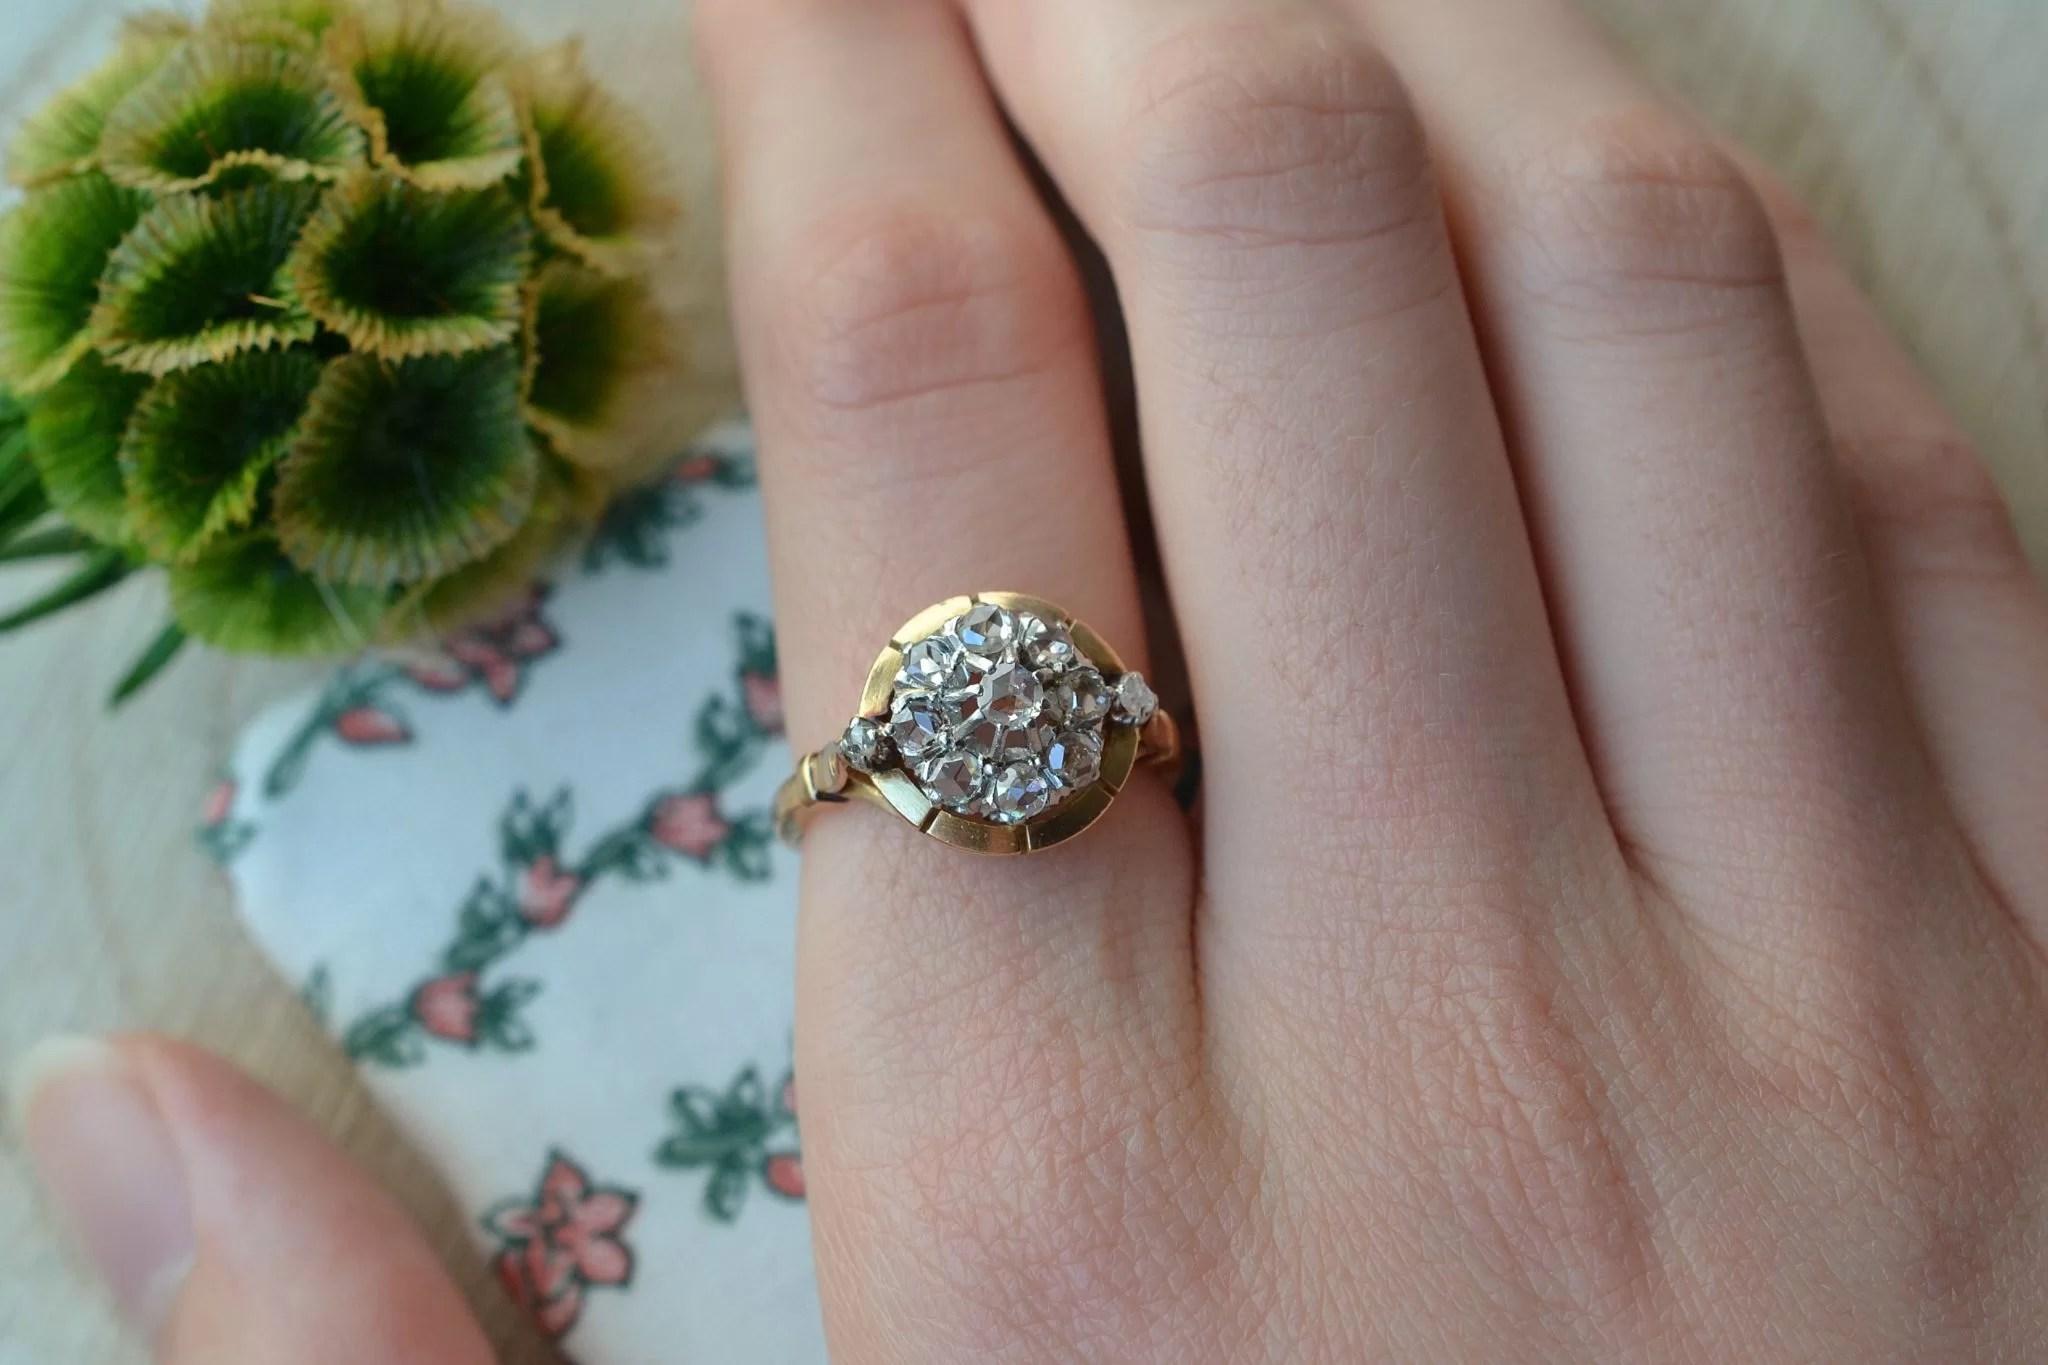 Bague en Or jaune enrichie de diamants - bague rétro